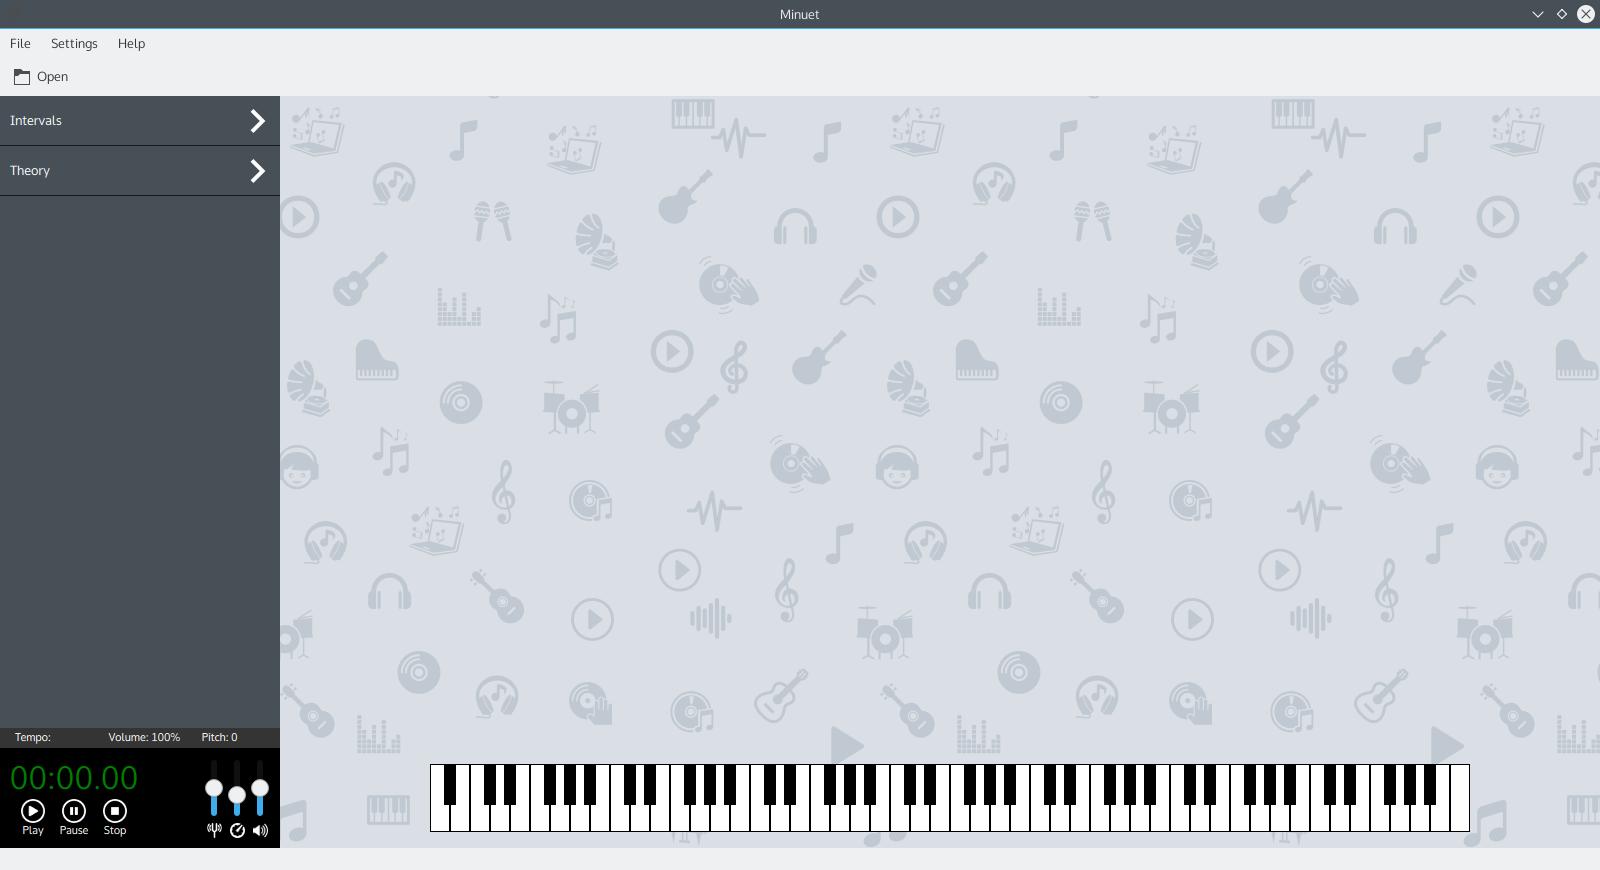 A Minuet for KDE